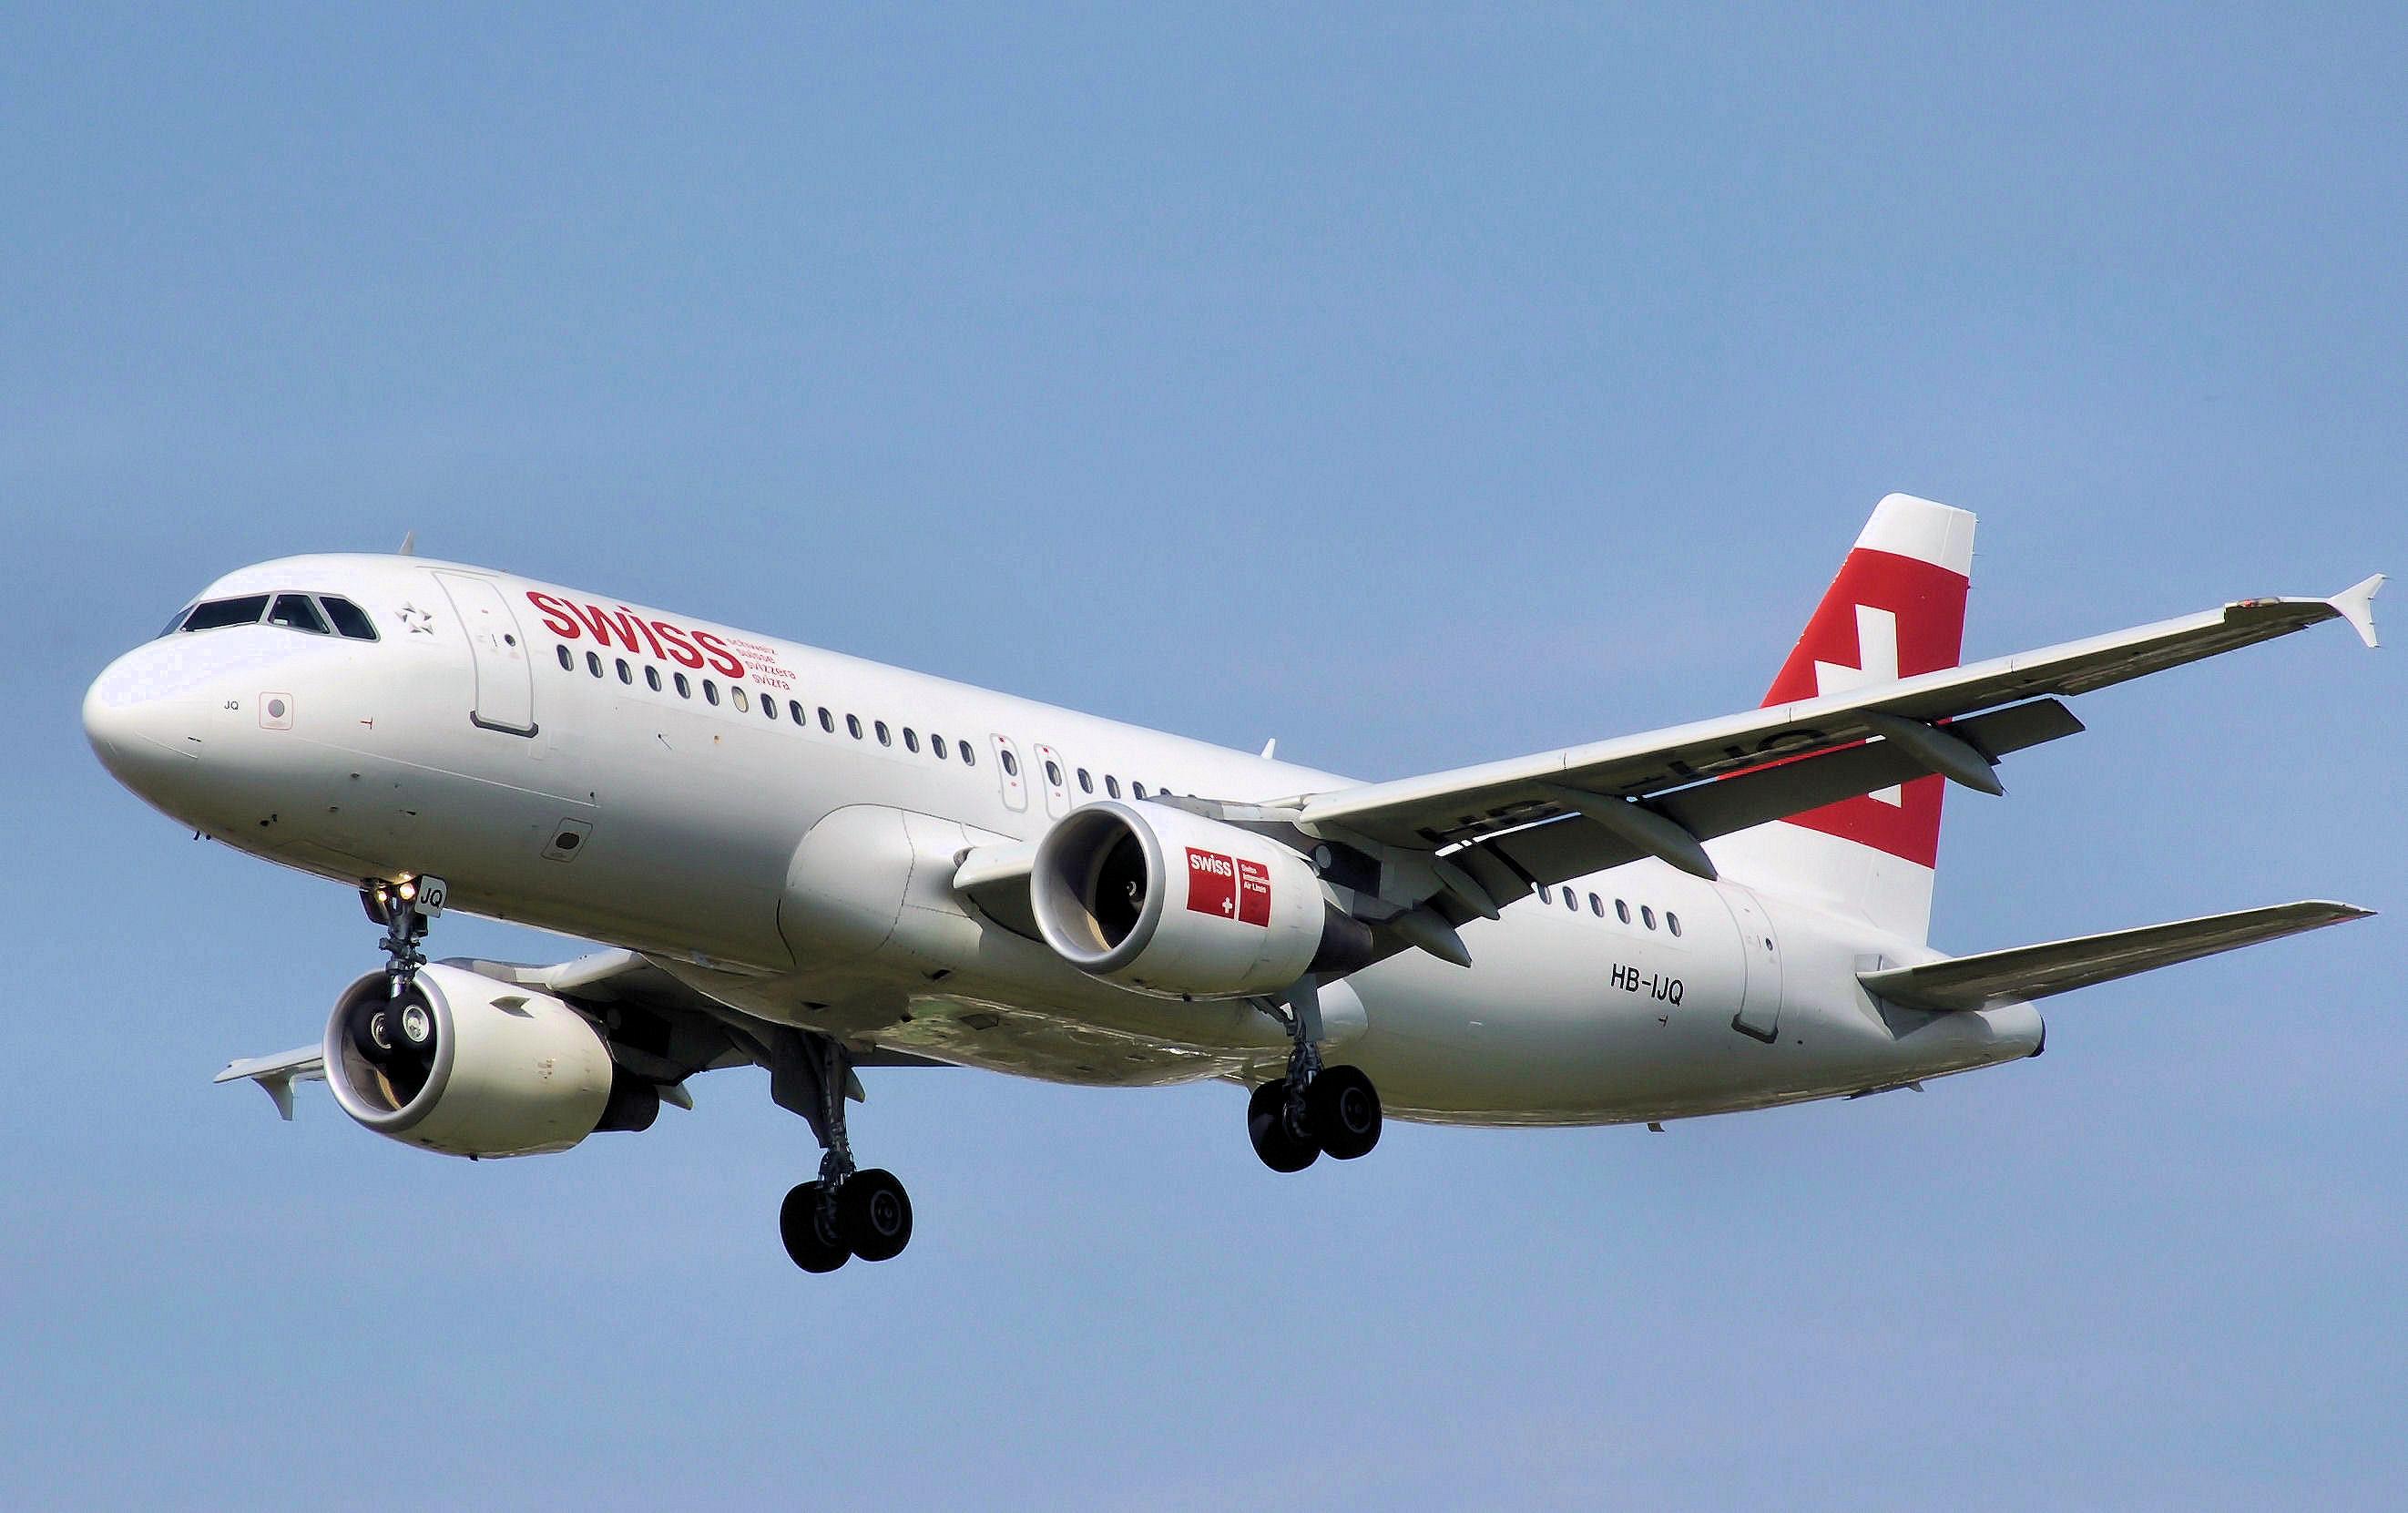 File:Swiss.a320-200.hb-ijq.arp.jpg